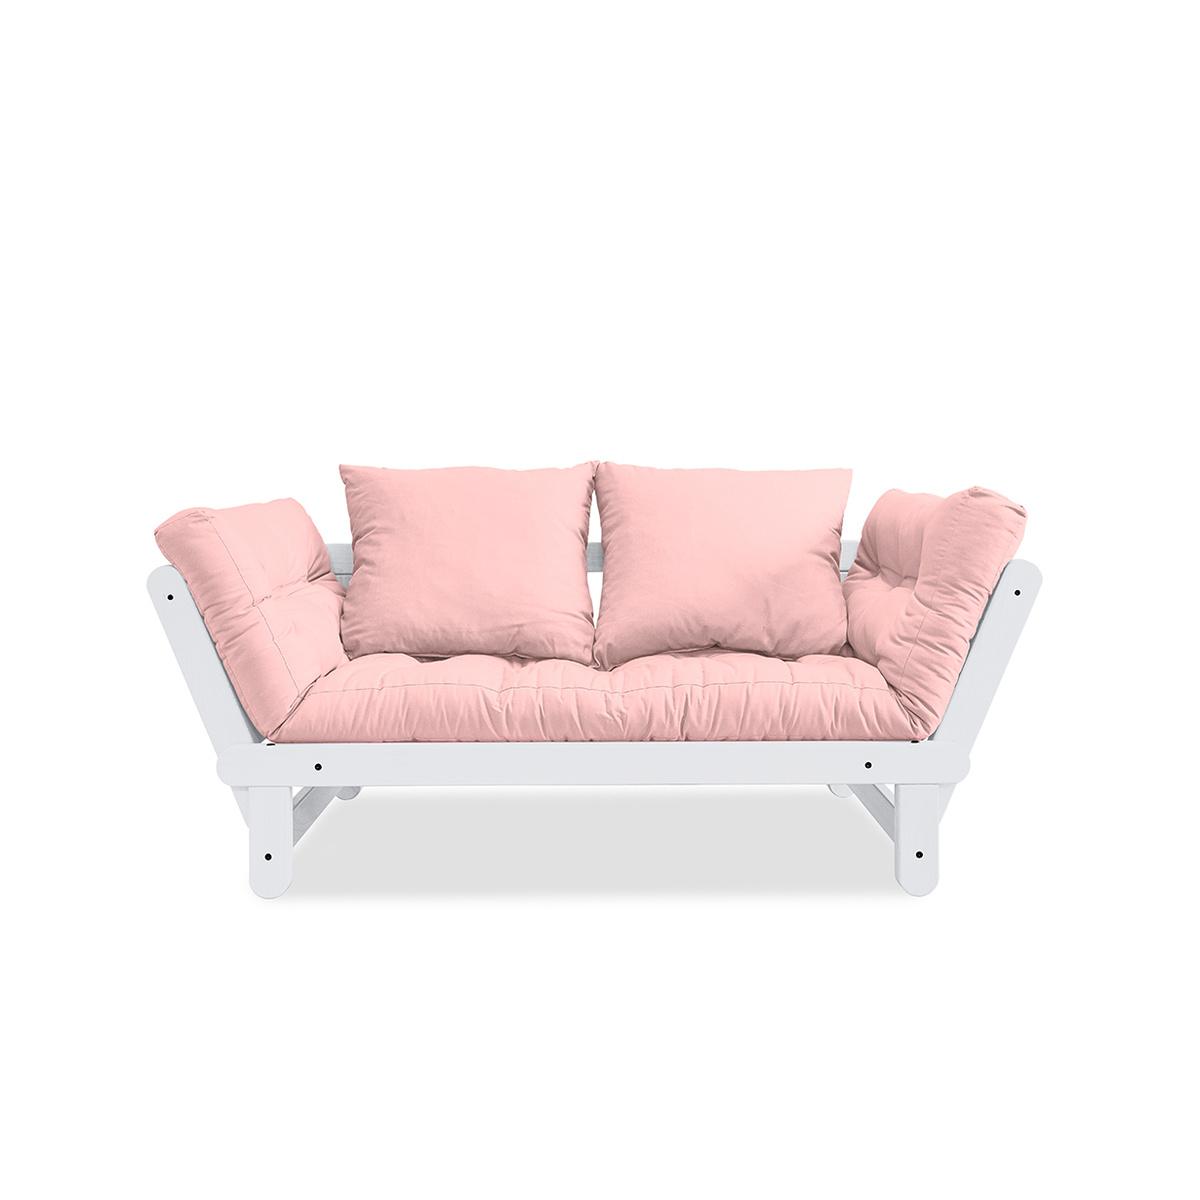 Divano letto beat con struttura bianca by karup lovethesign for Struttura letto divano